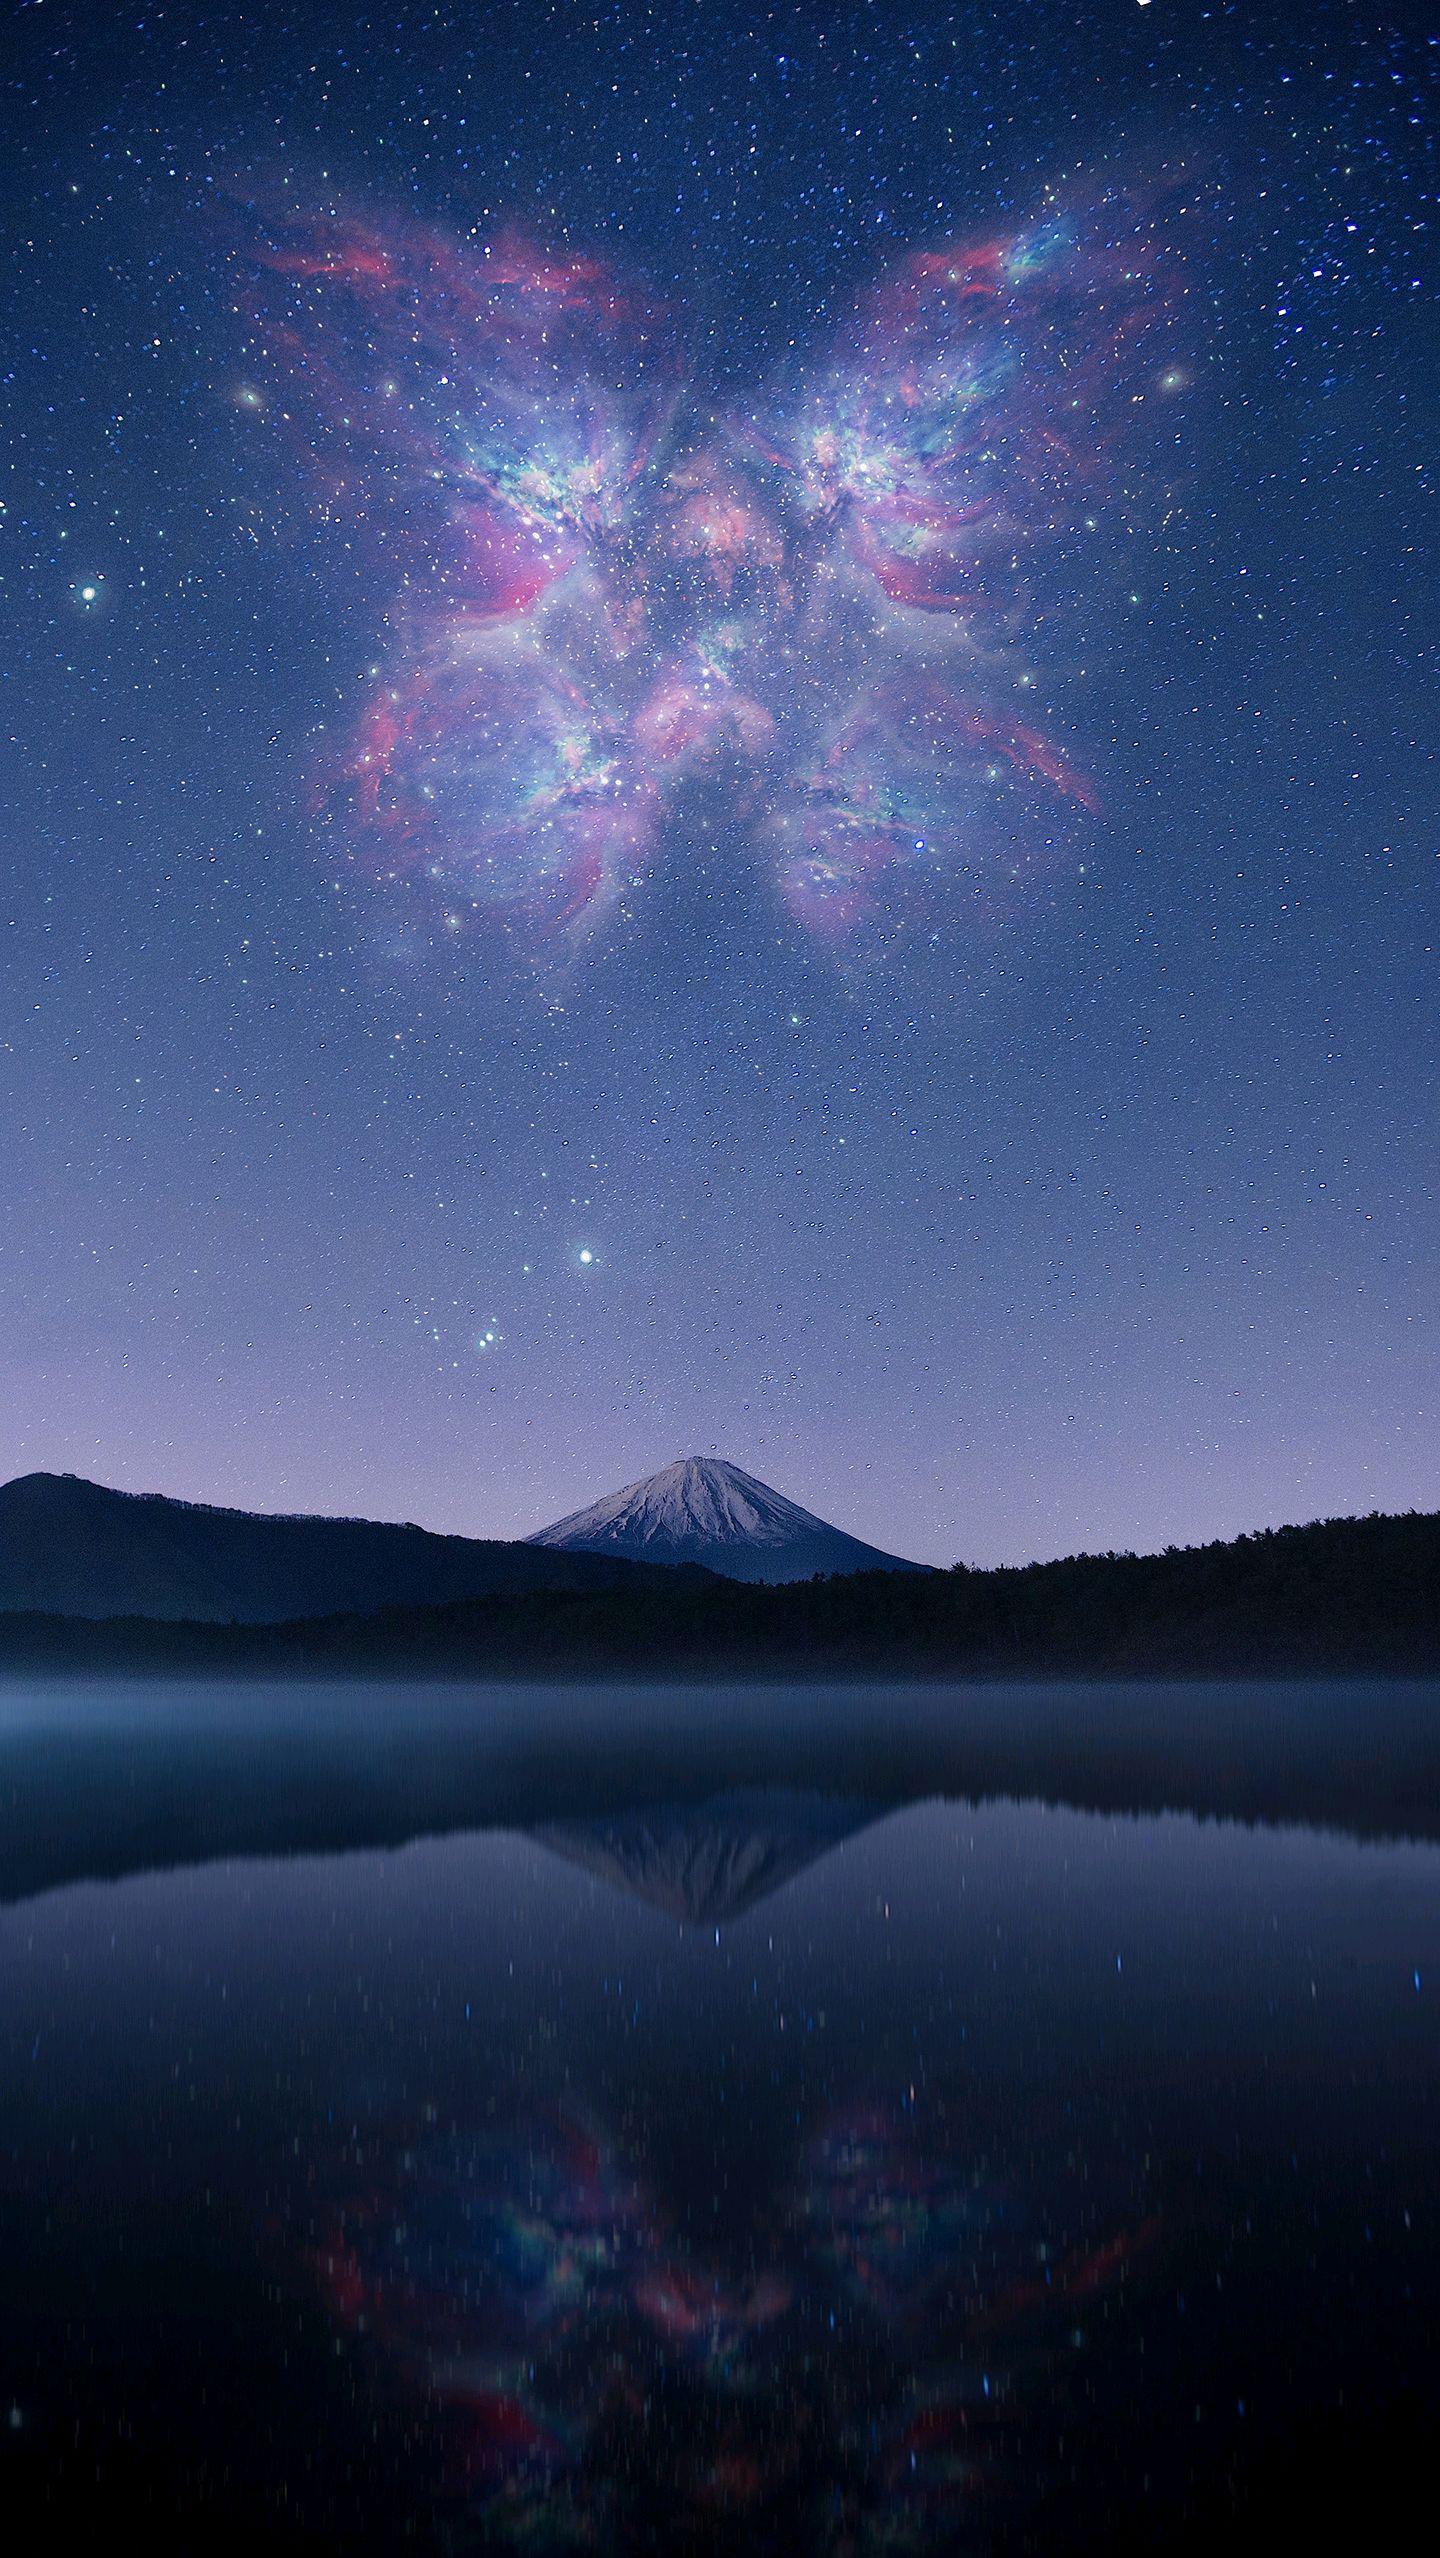 Cute Animal Wallpapers For Phones Mount Fuji Lake Night Stars Iphone Wallpaper Iphone